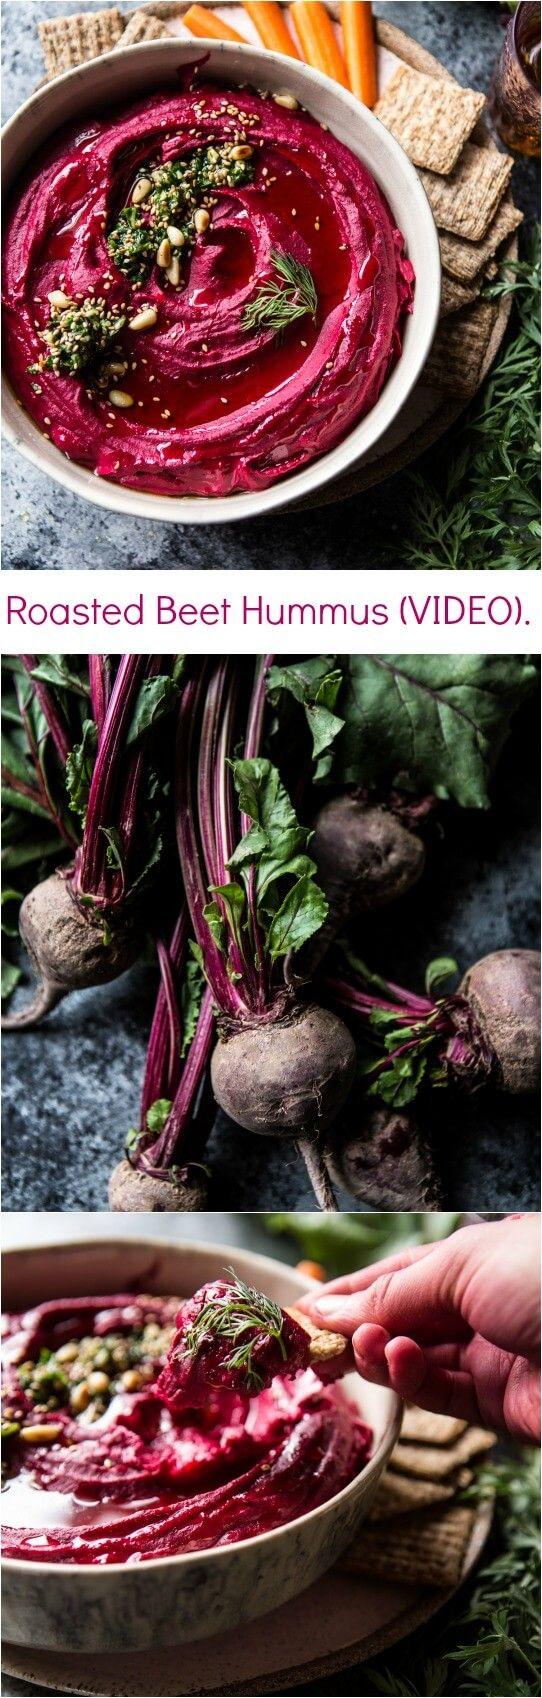 Roasted Beet Hummus (VIDEO) | halfbakedharvest.com @hbharvest